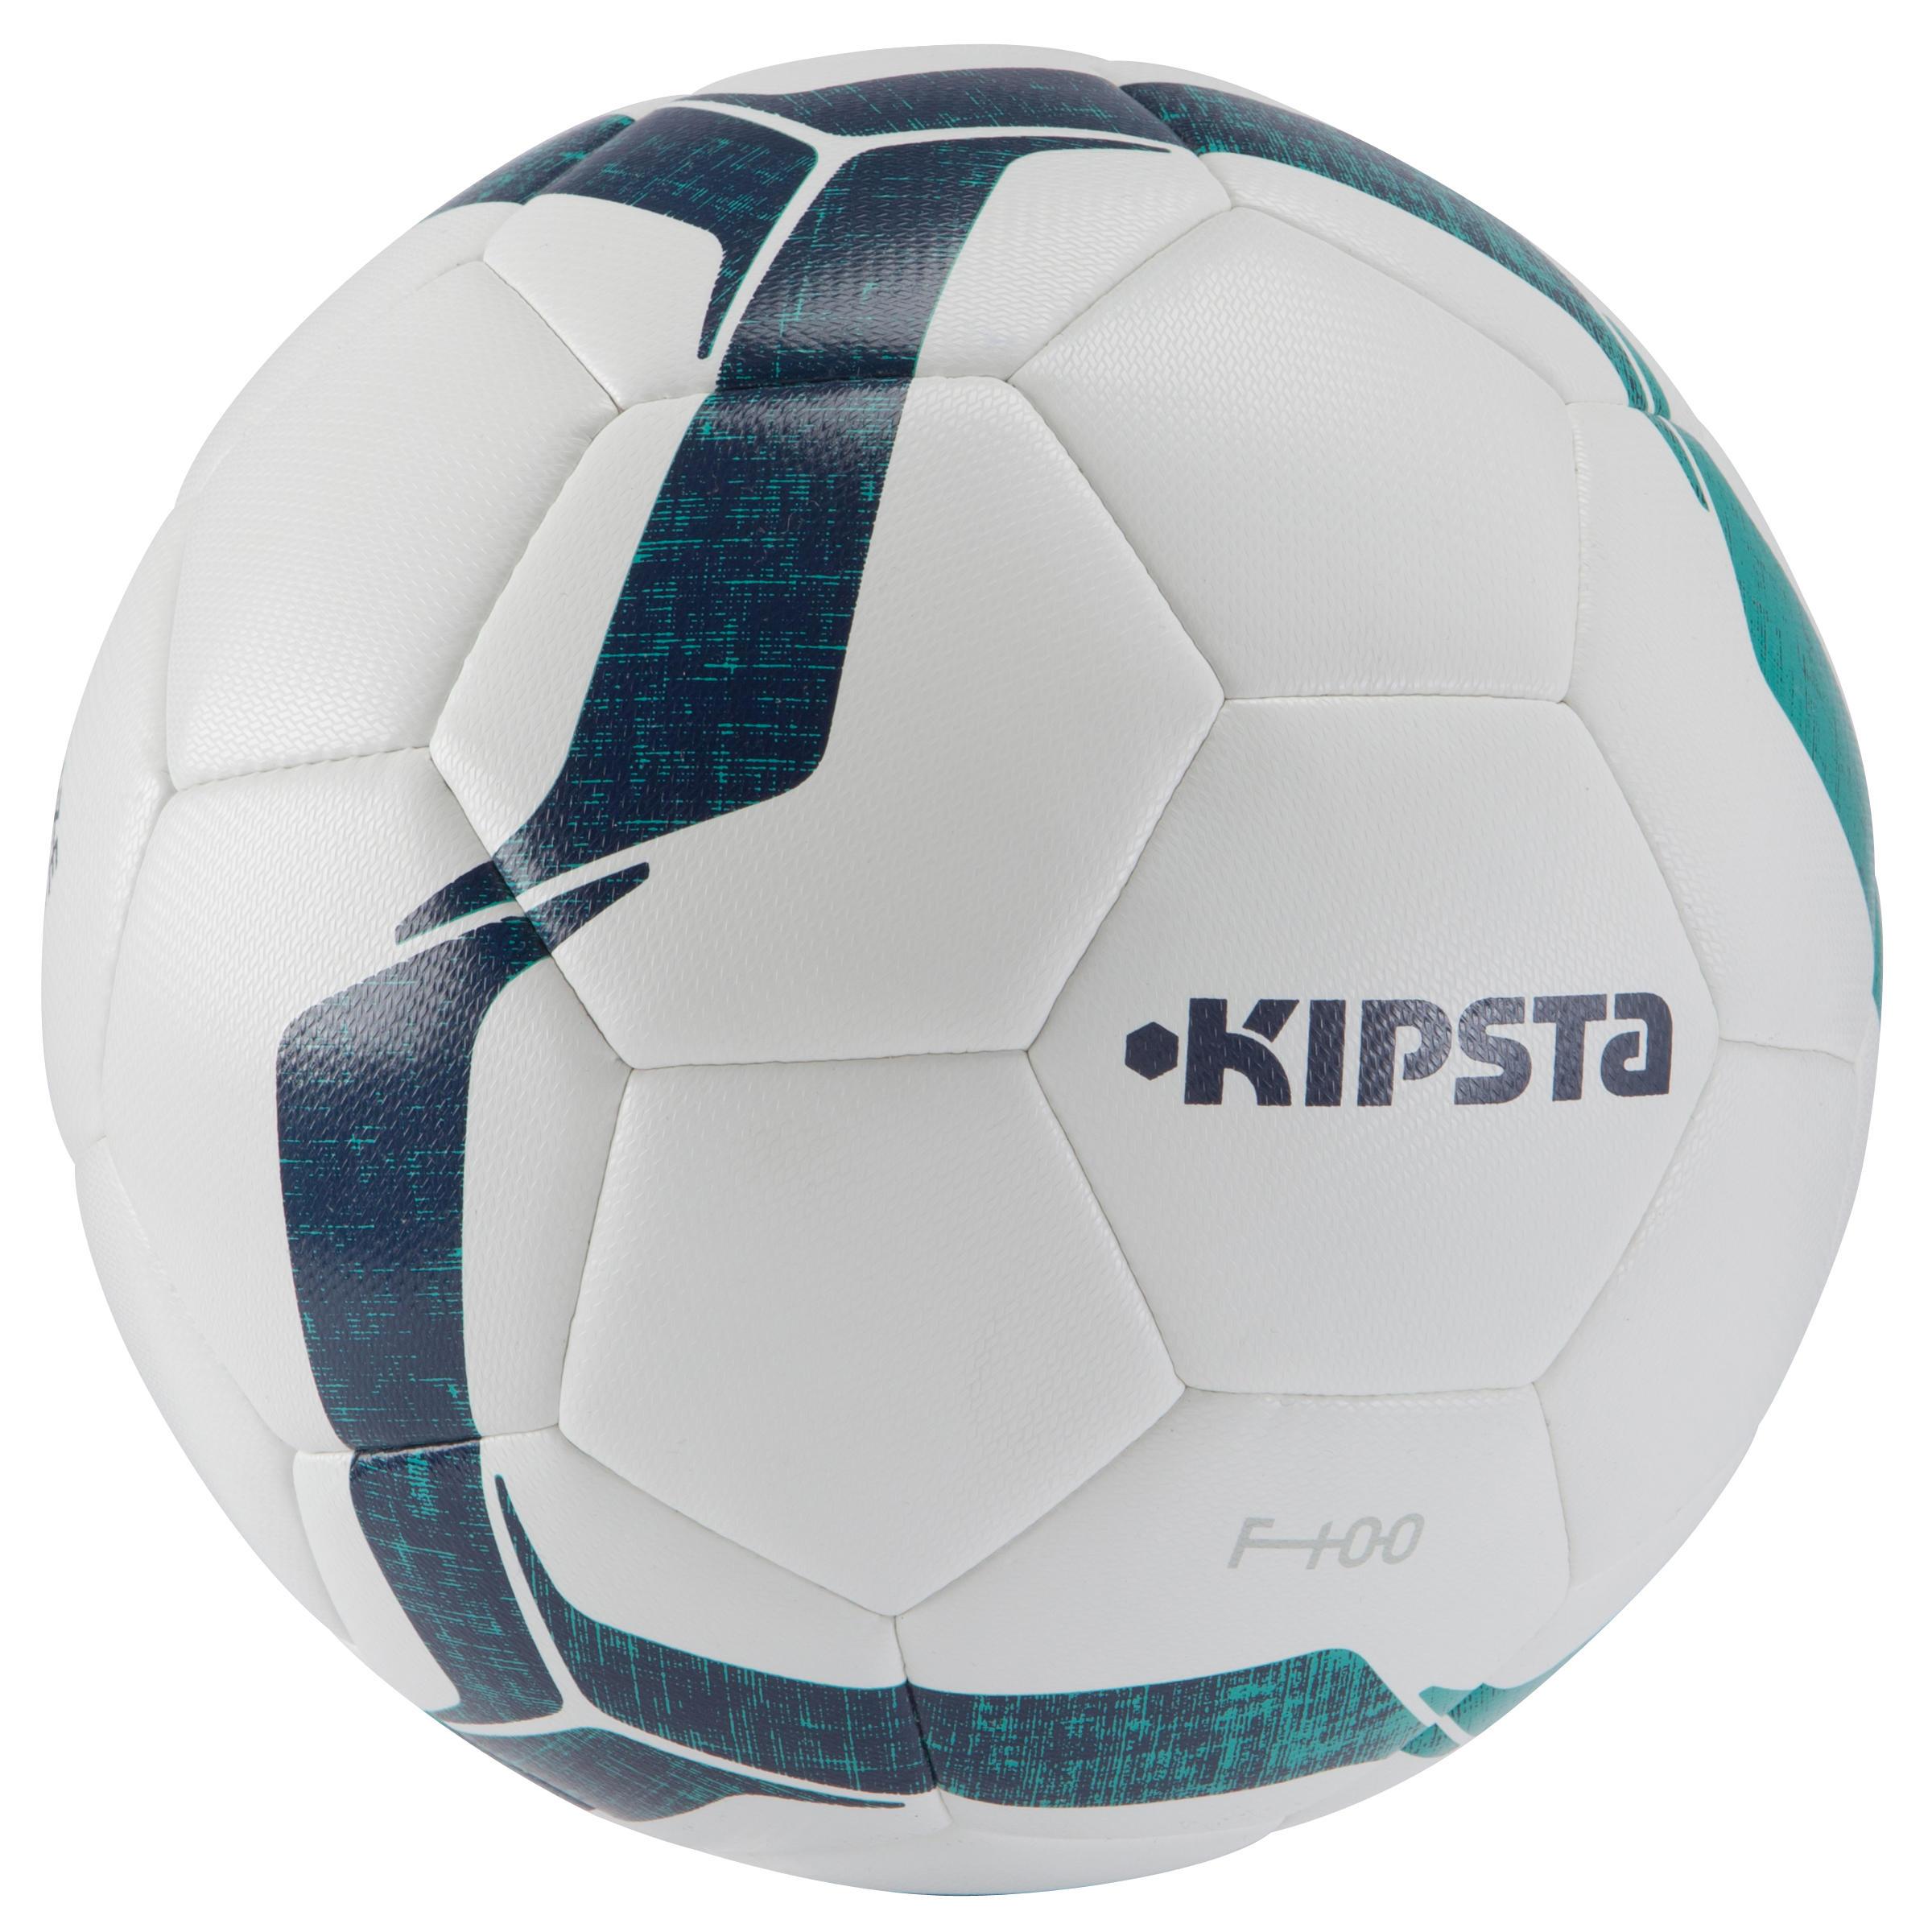 F100 Hybrid Soccer Ball Size 4 - White/Green